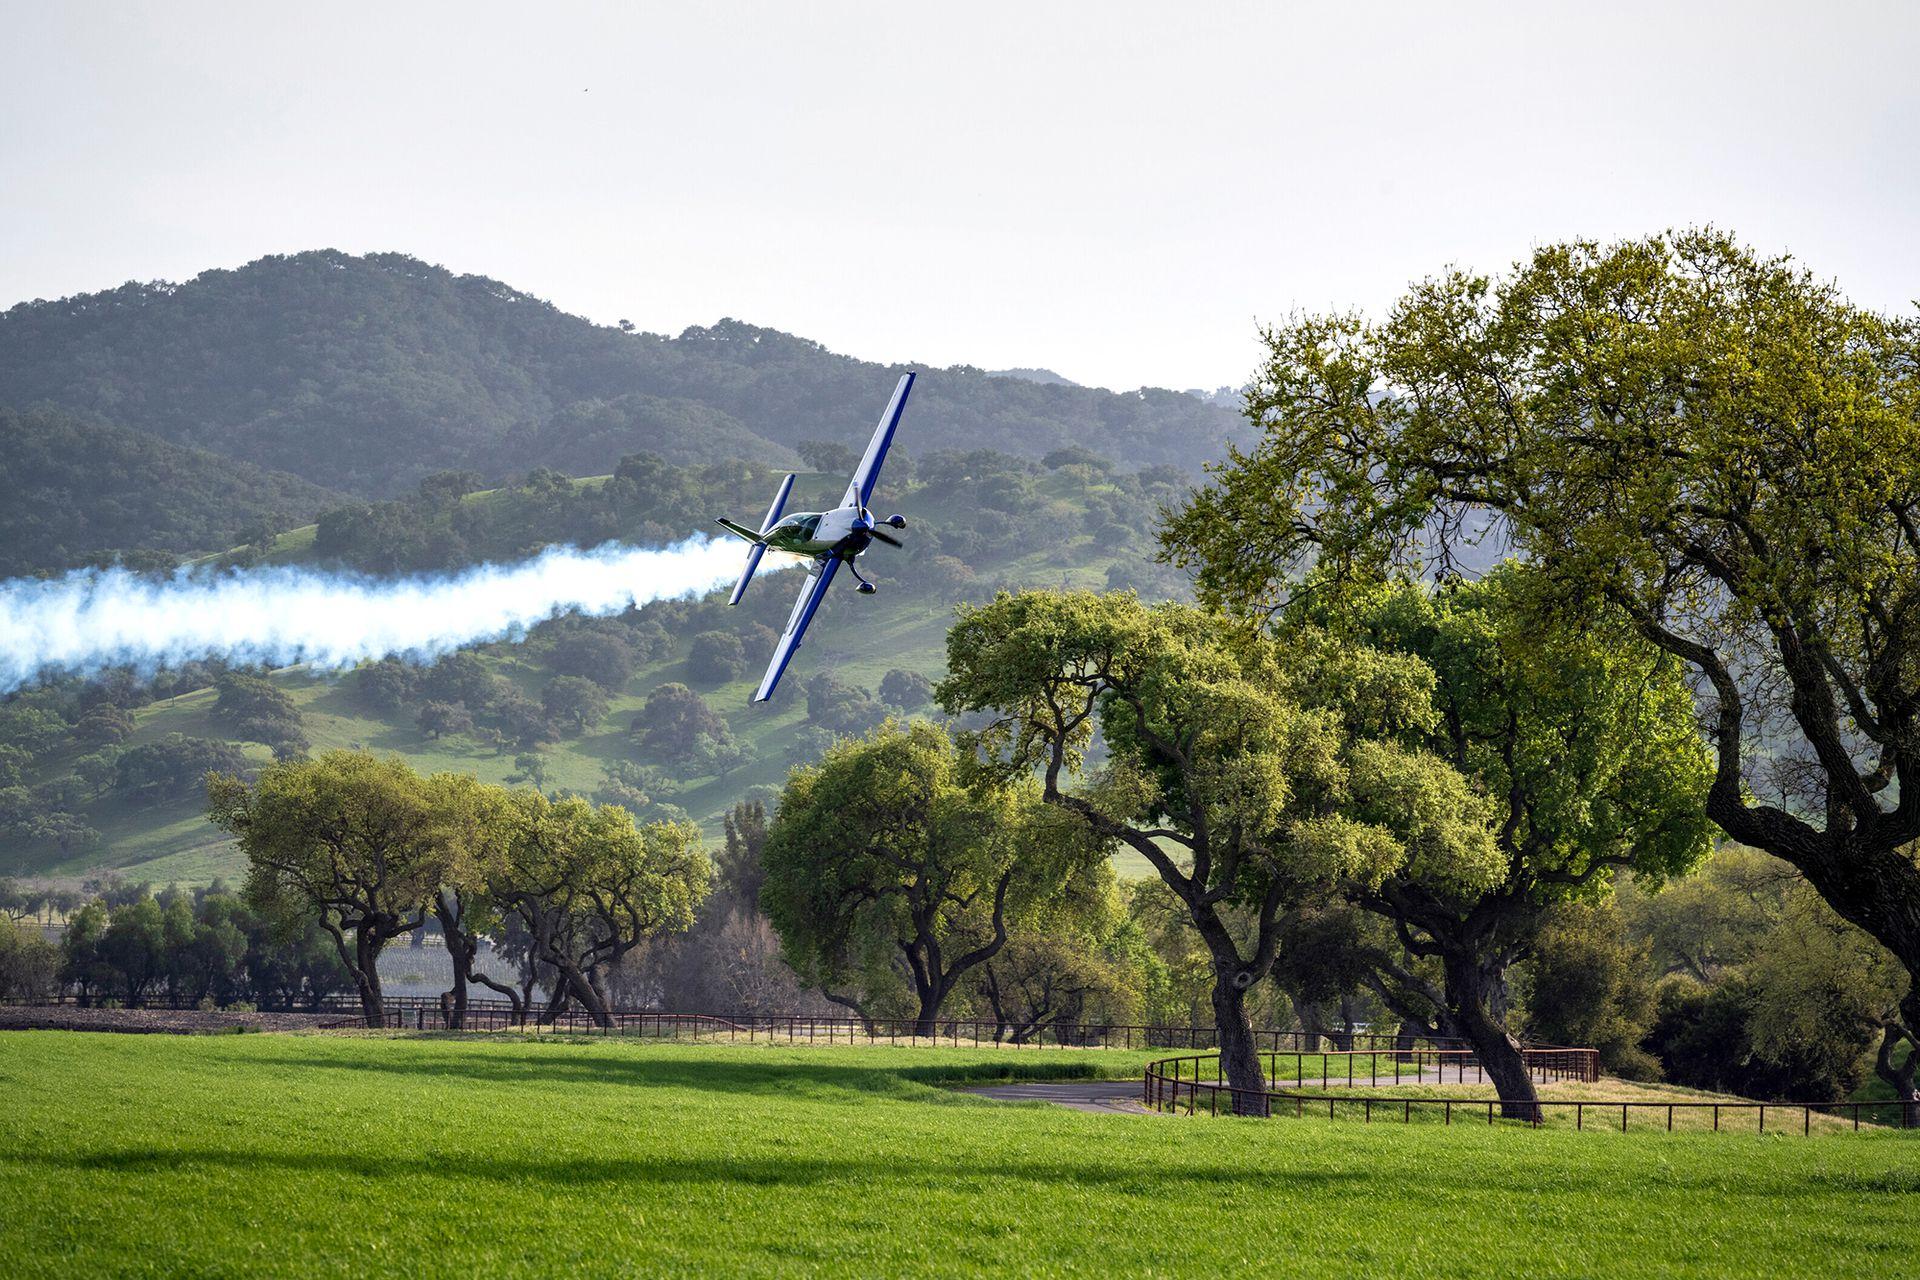 El piloto Kevin Coleman realiza su rutina acrobática